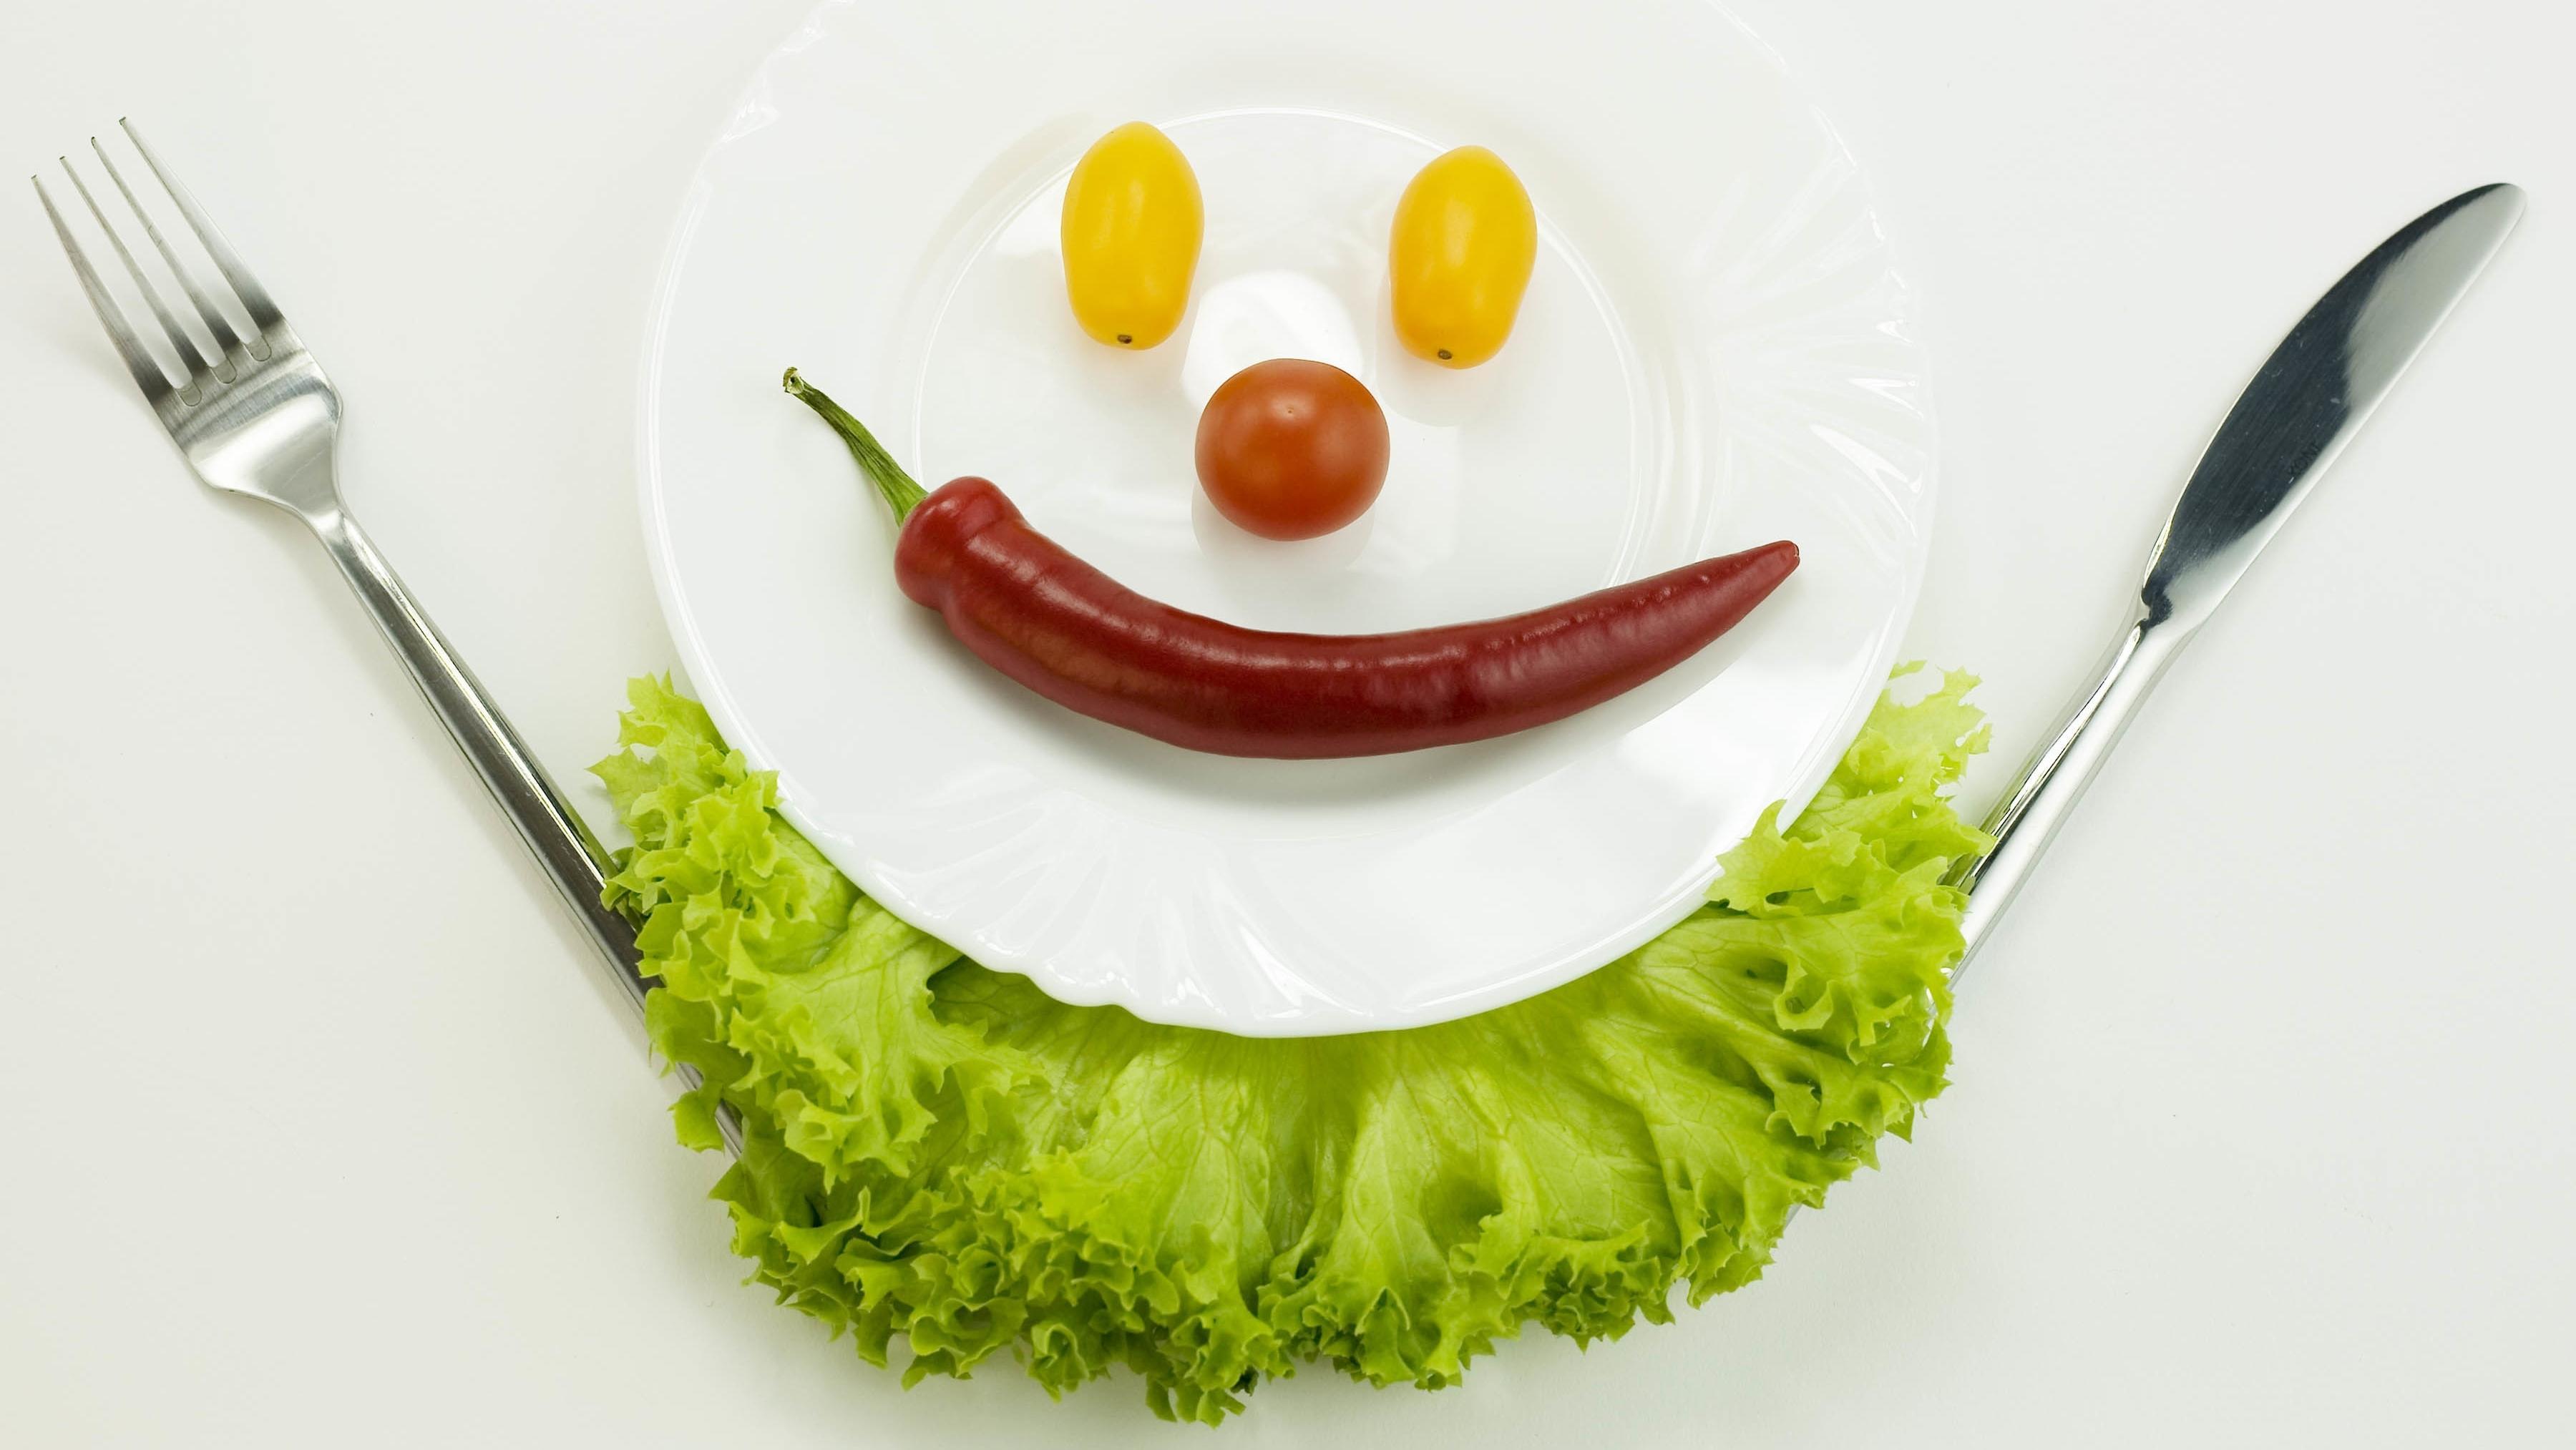 Ein Gesicht aus Gemüse ist auf einem Teller angerichtet: Zukünftig werden wir viel mehr Gemüse essen, wenn alle Menschen satt werden sollen.